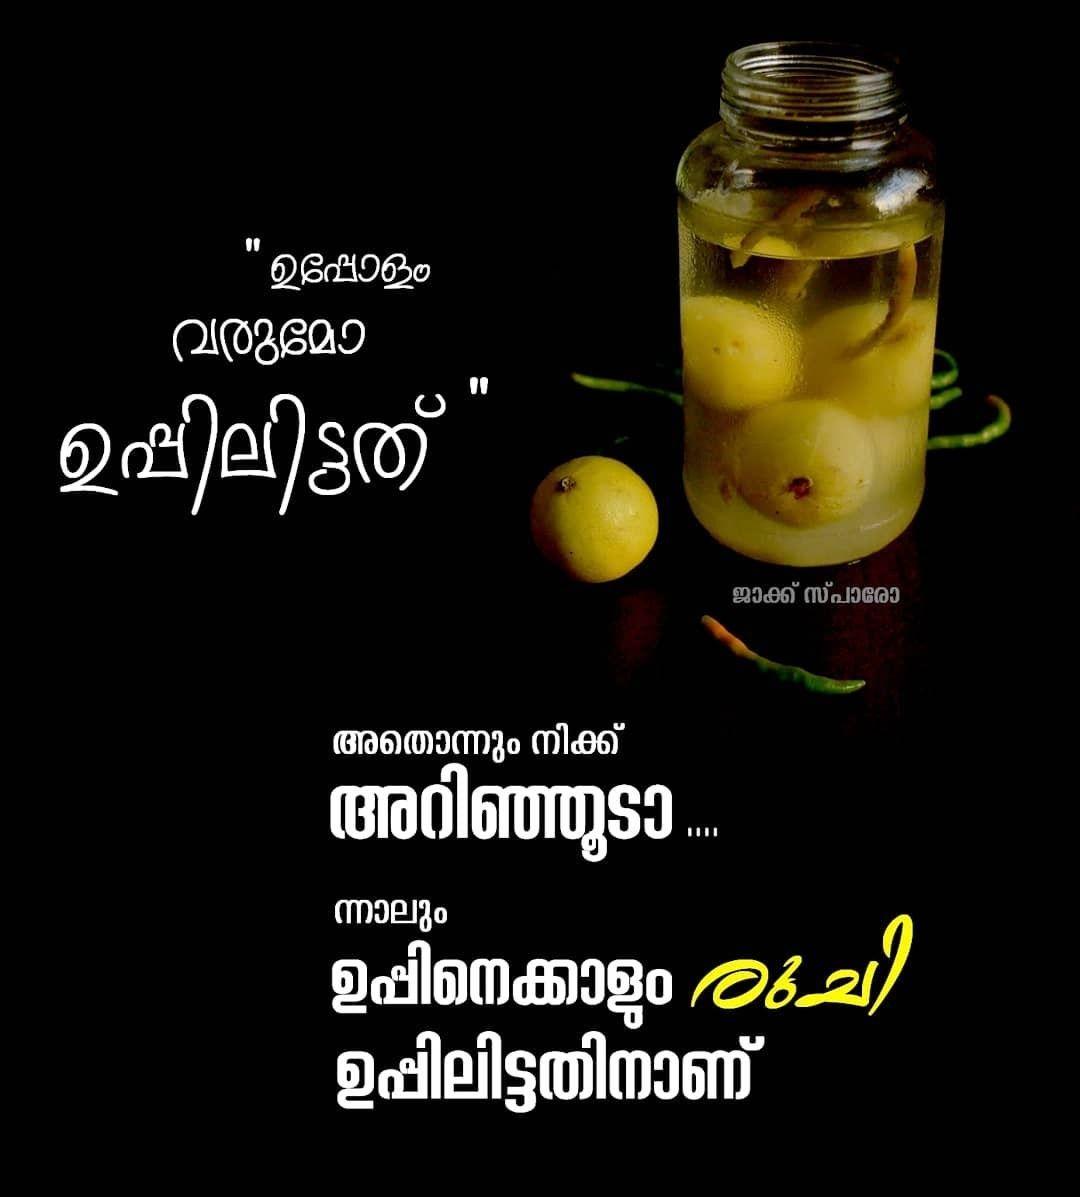 Athonum Enikariyila But Uppu Mangakannu Taste Kooduthal Food Quotes Funny Food Captions Food Quotes